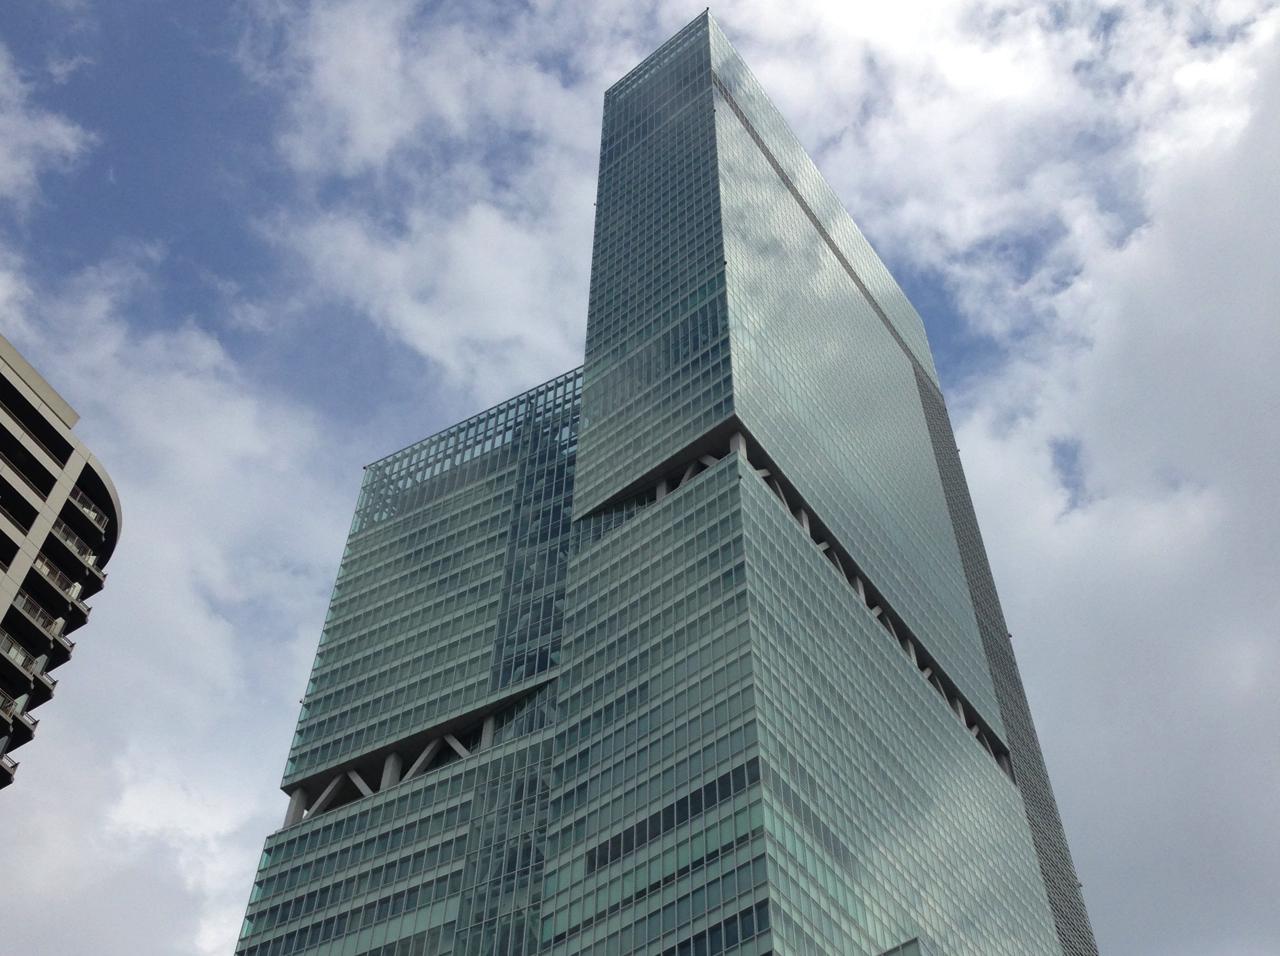 iPhoneの上下パノラマ撮影で日本一高いビル「あべのハルカス」を撮った